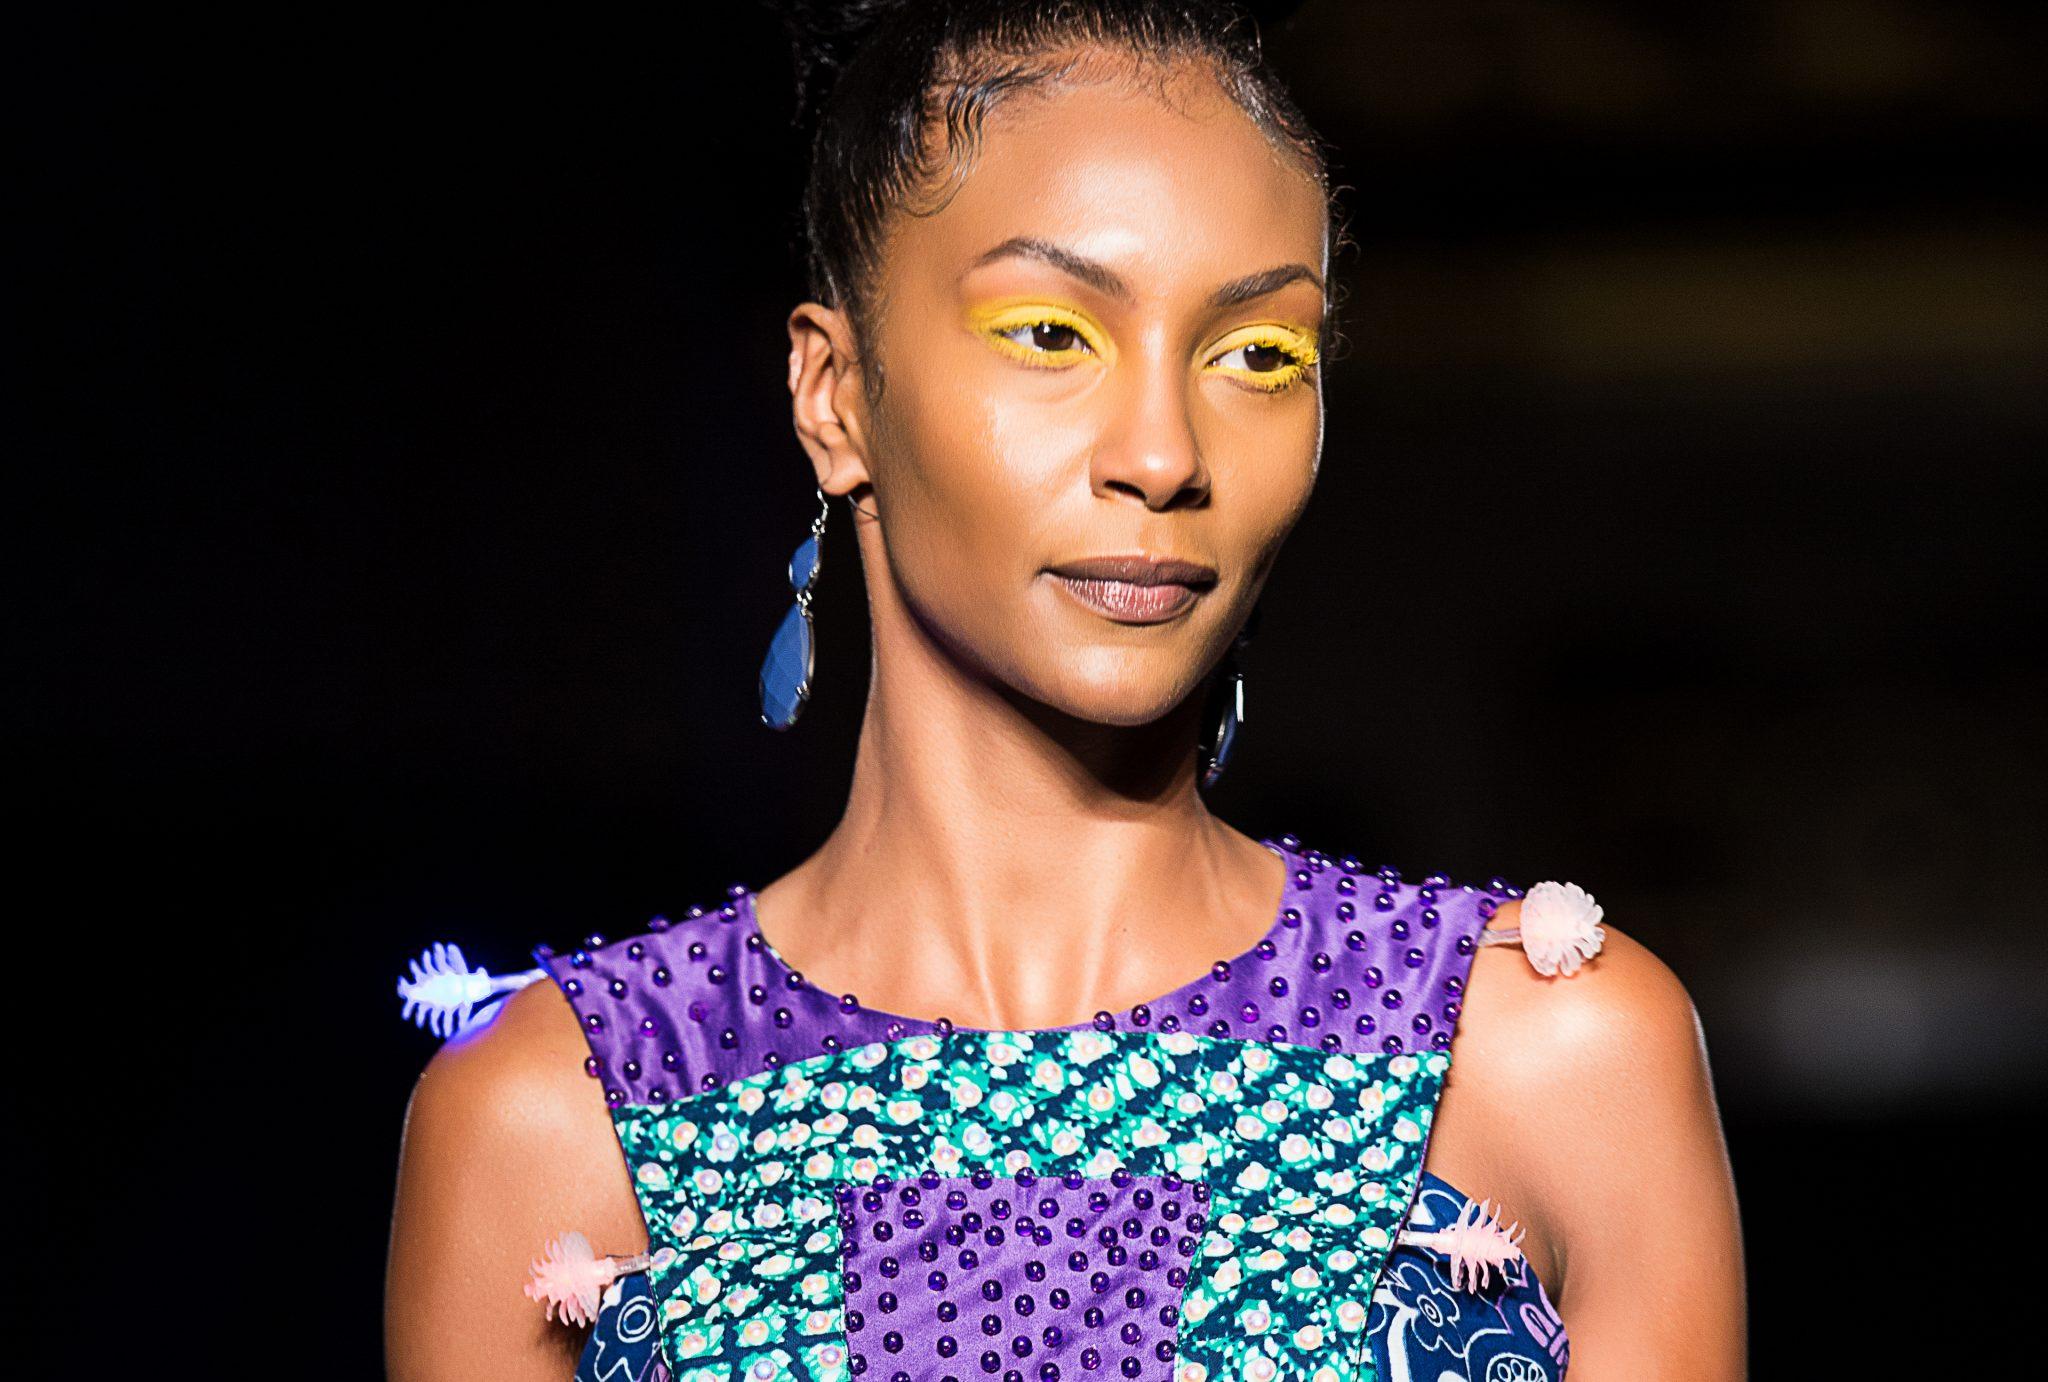 Africa Fashion Week Exhibitors